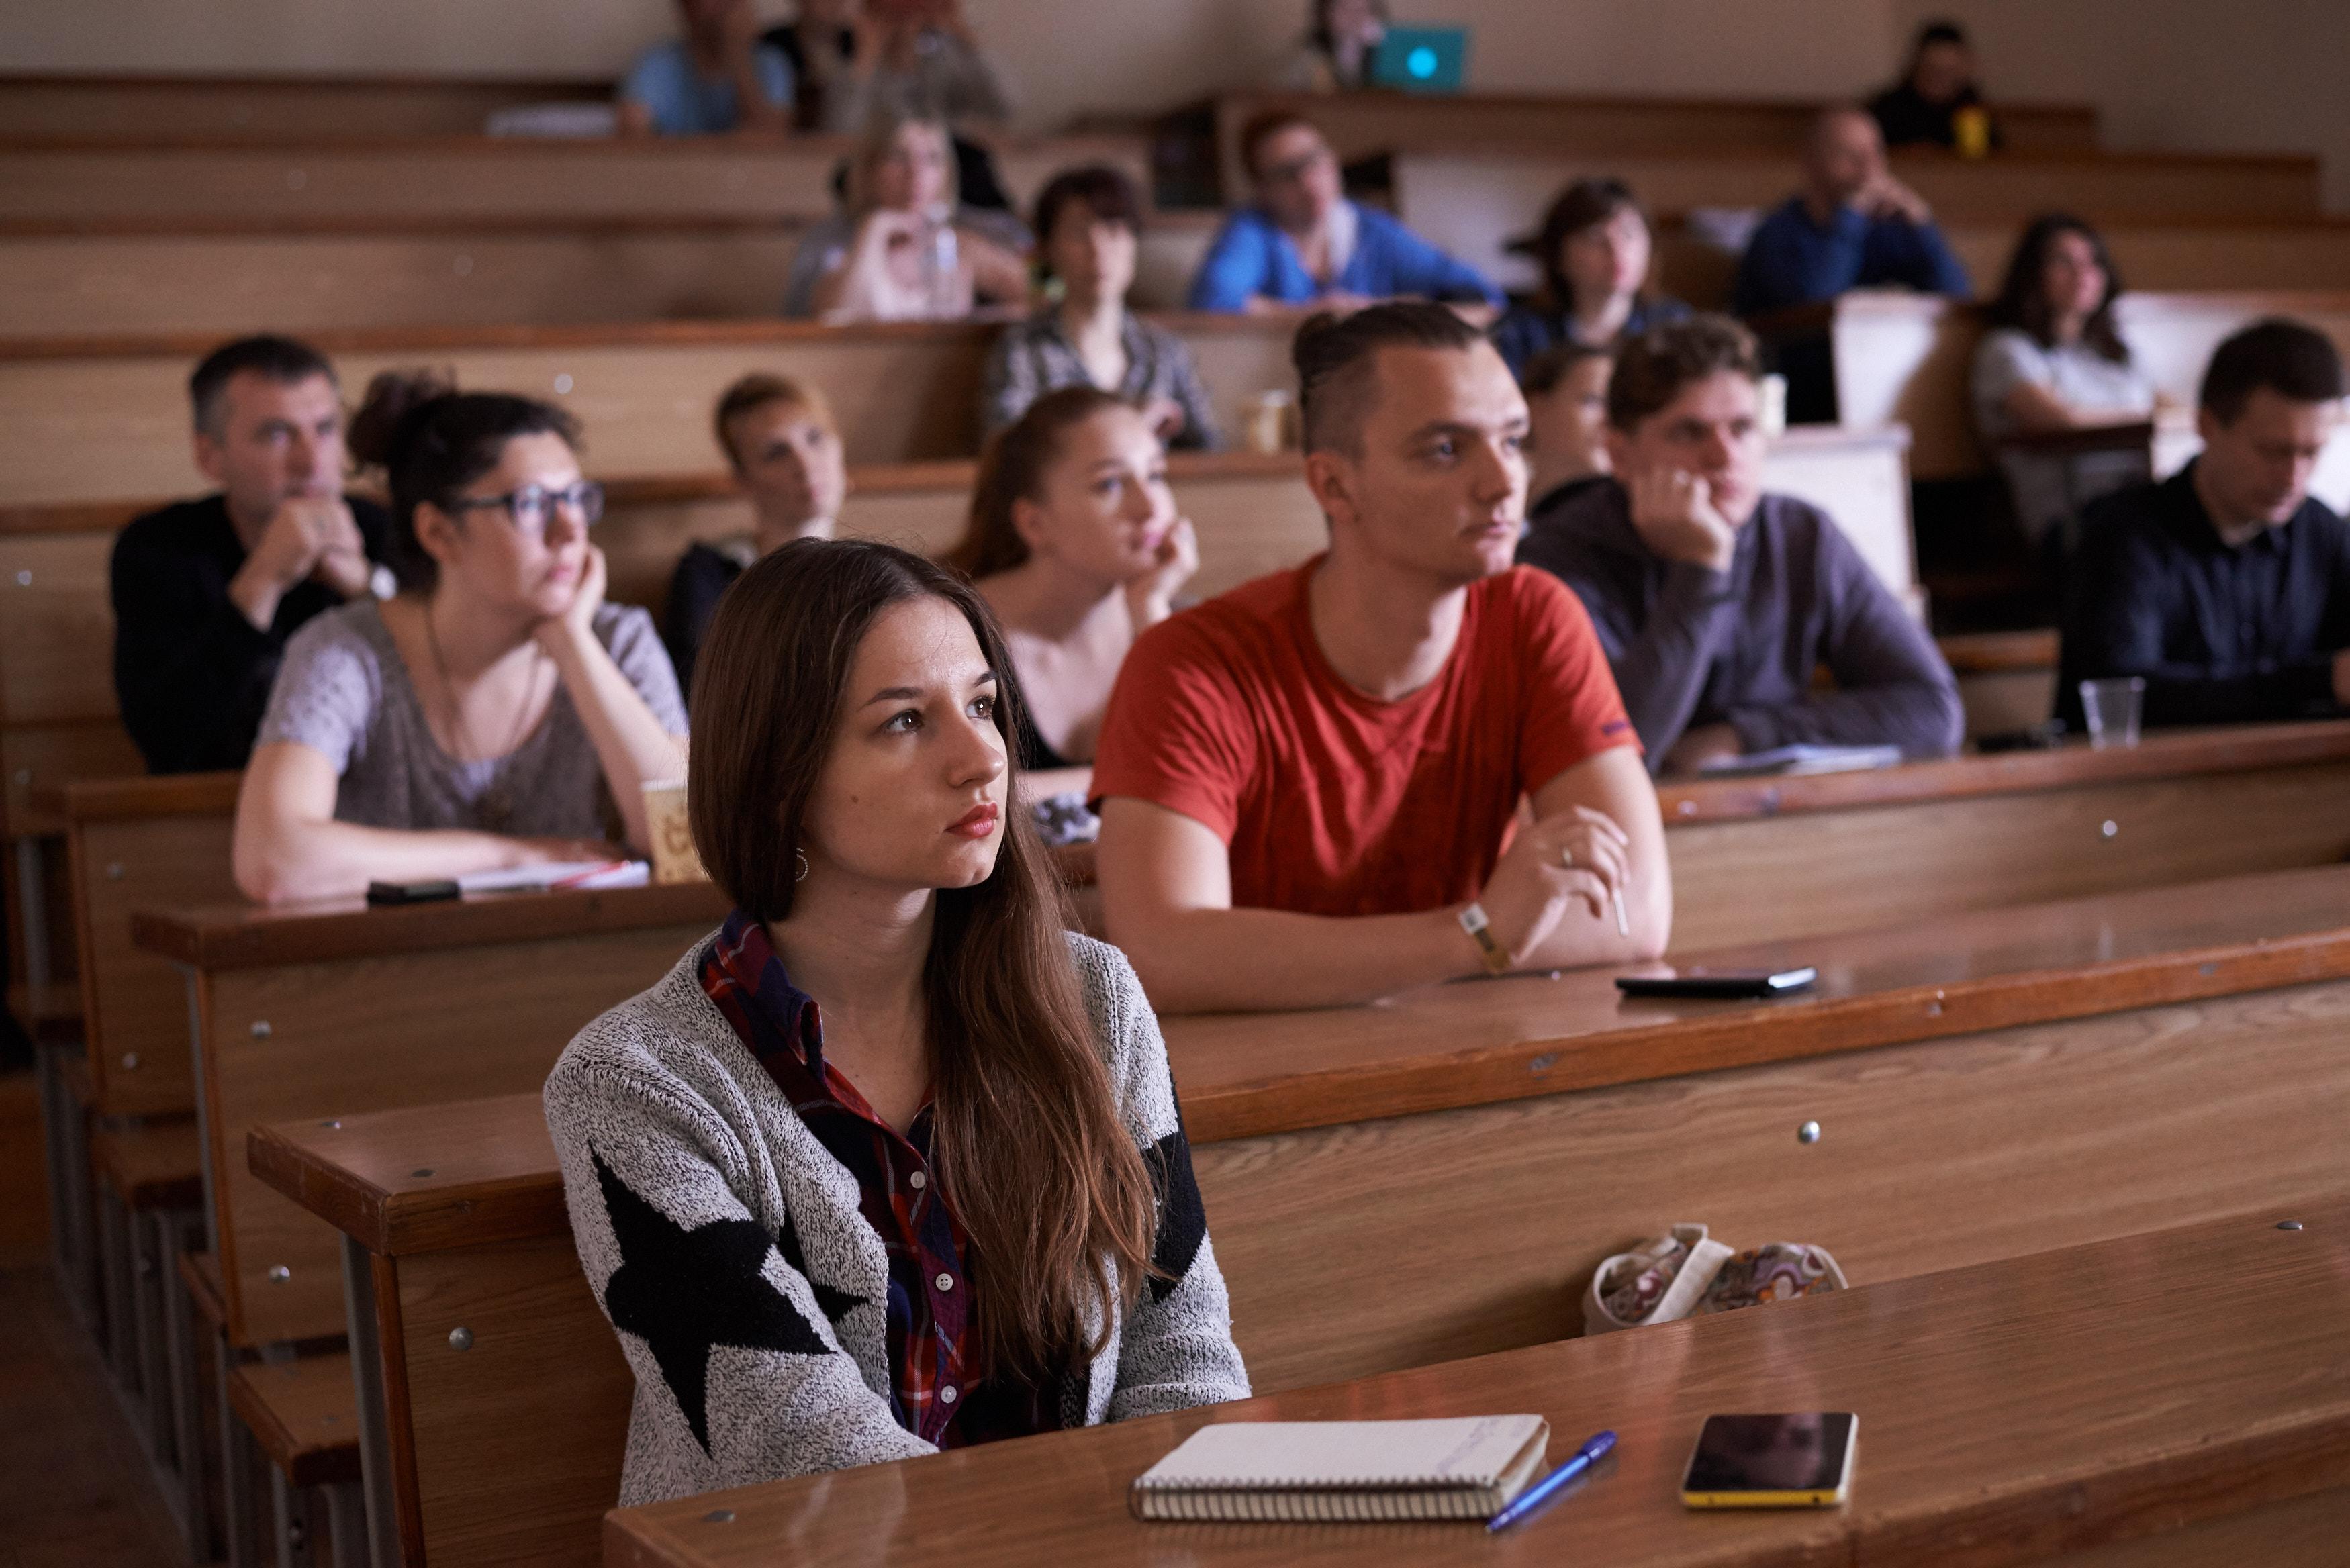 Студенты в облаках